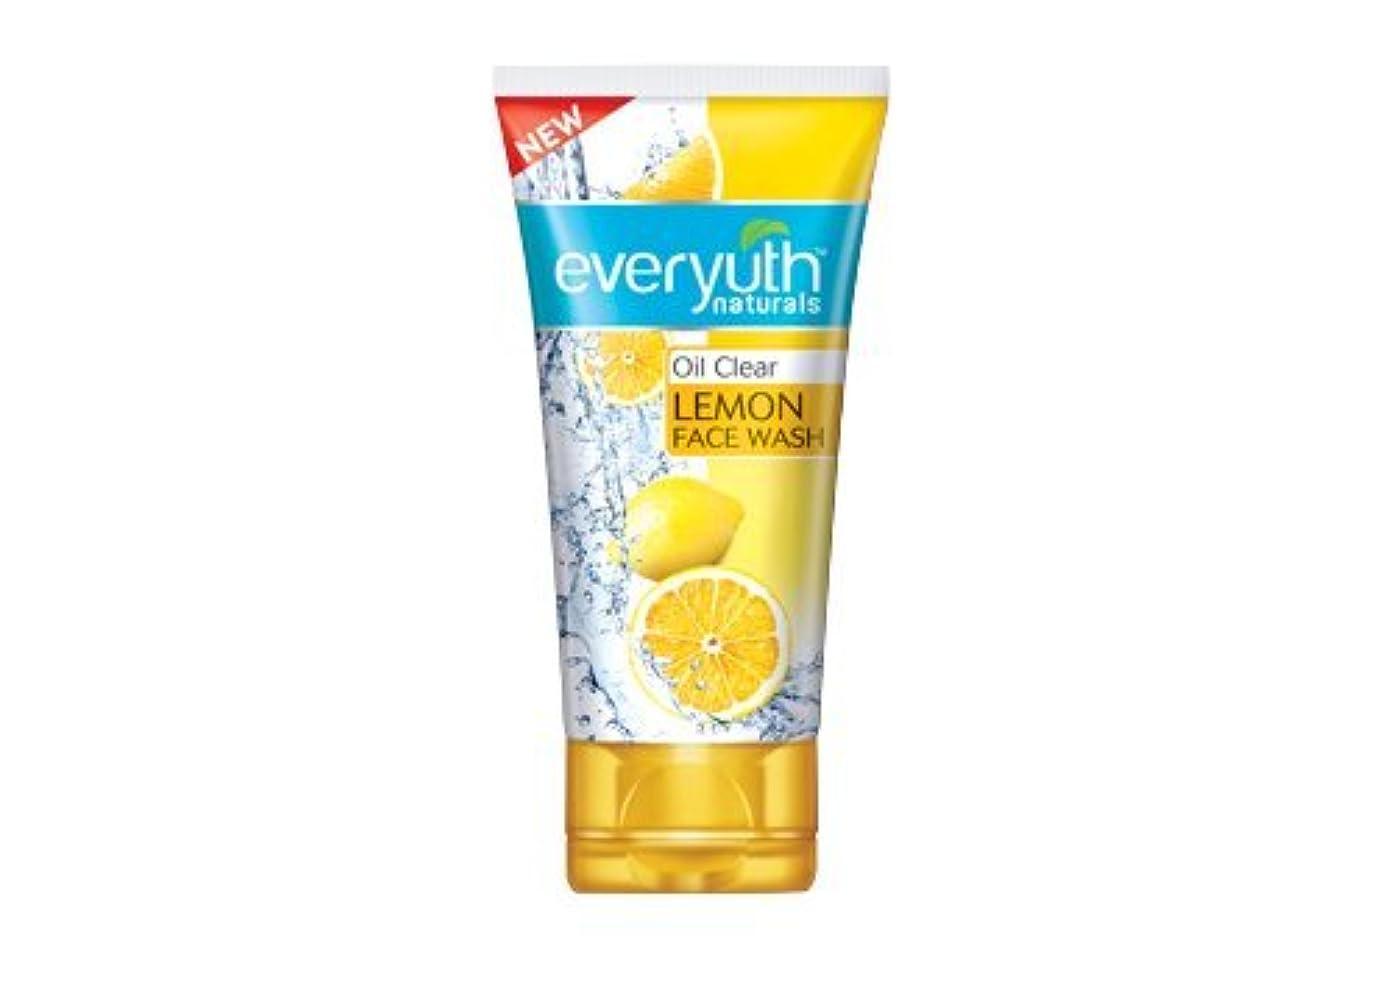 モスク等々自殺Everyuth Naturals Oil Clear Lemon Face Wash 50Gm (1 Pack)